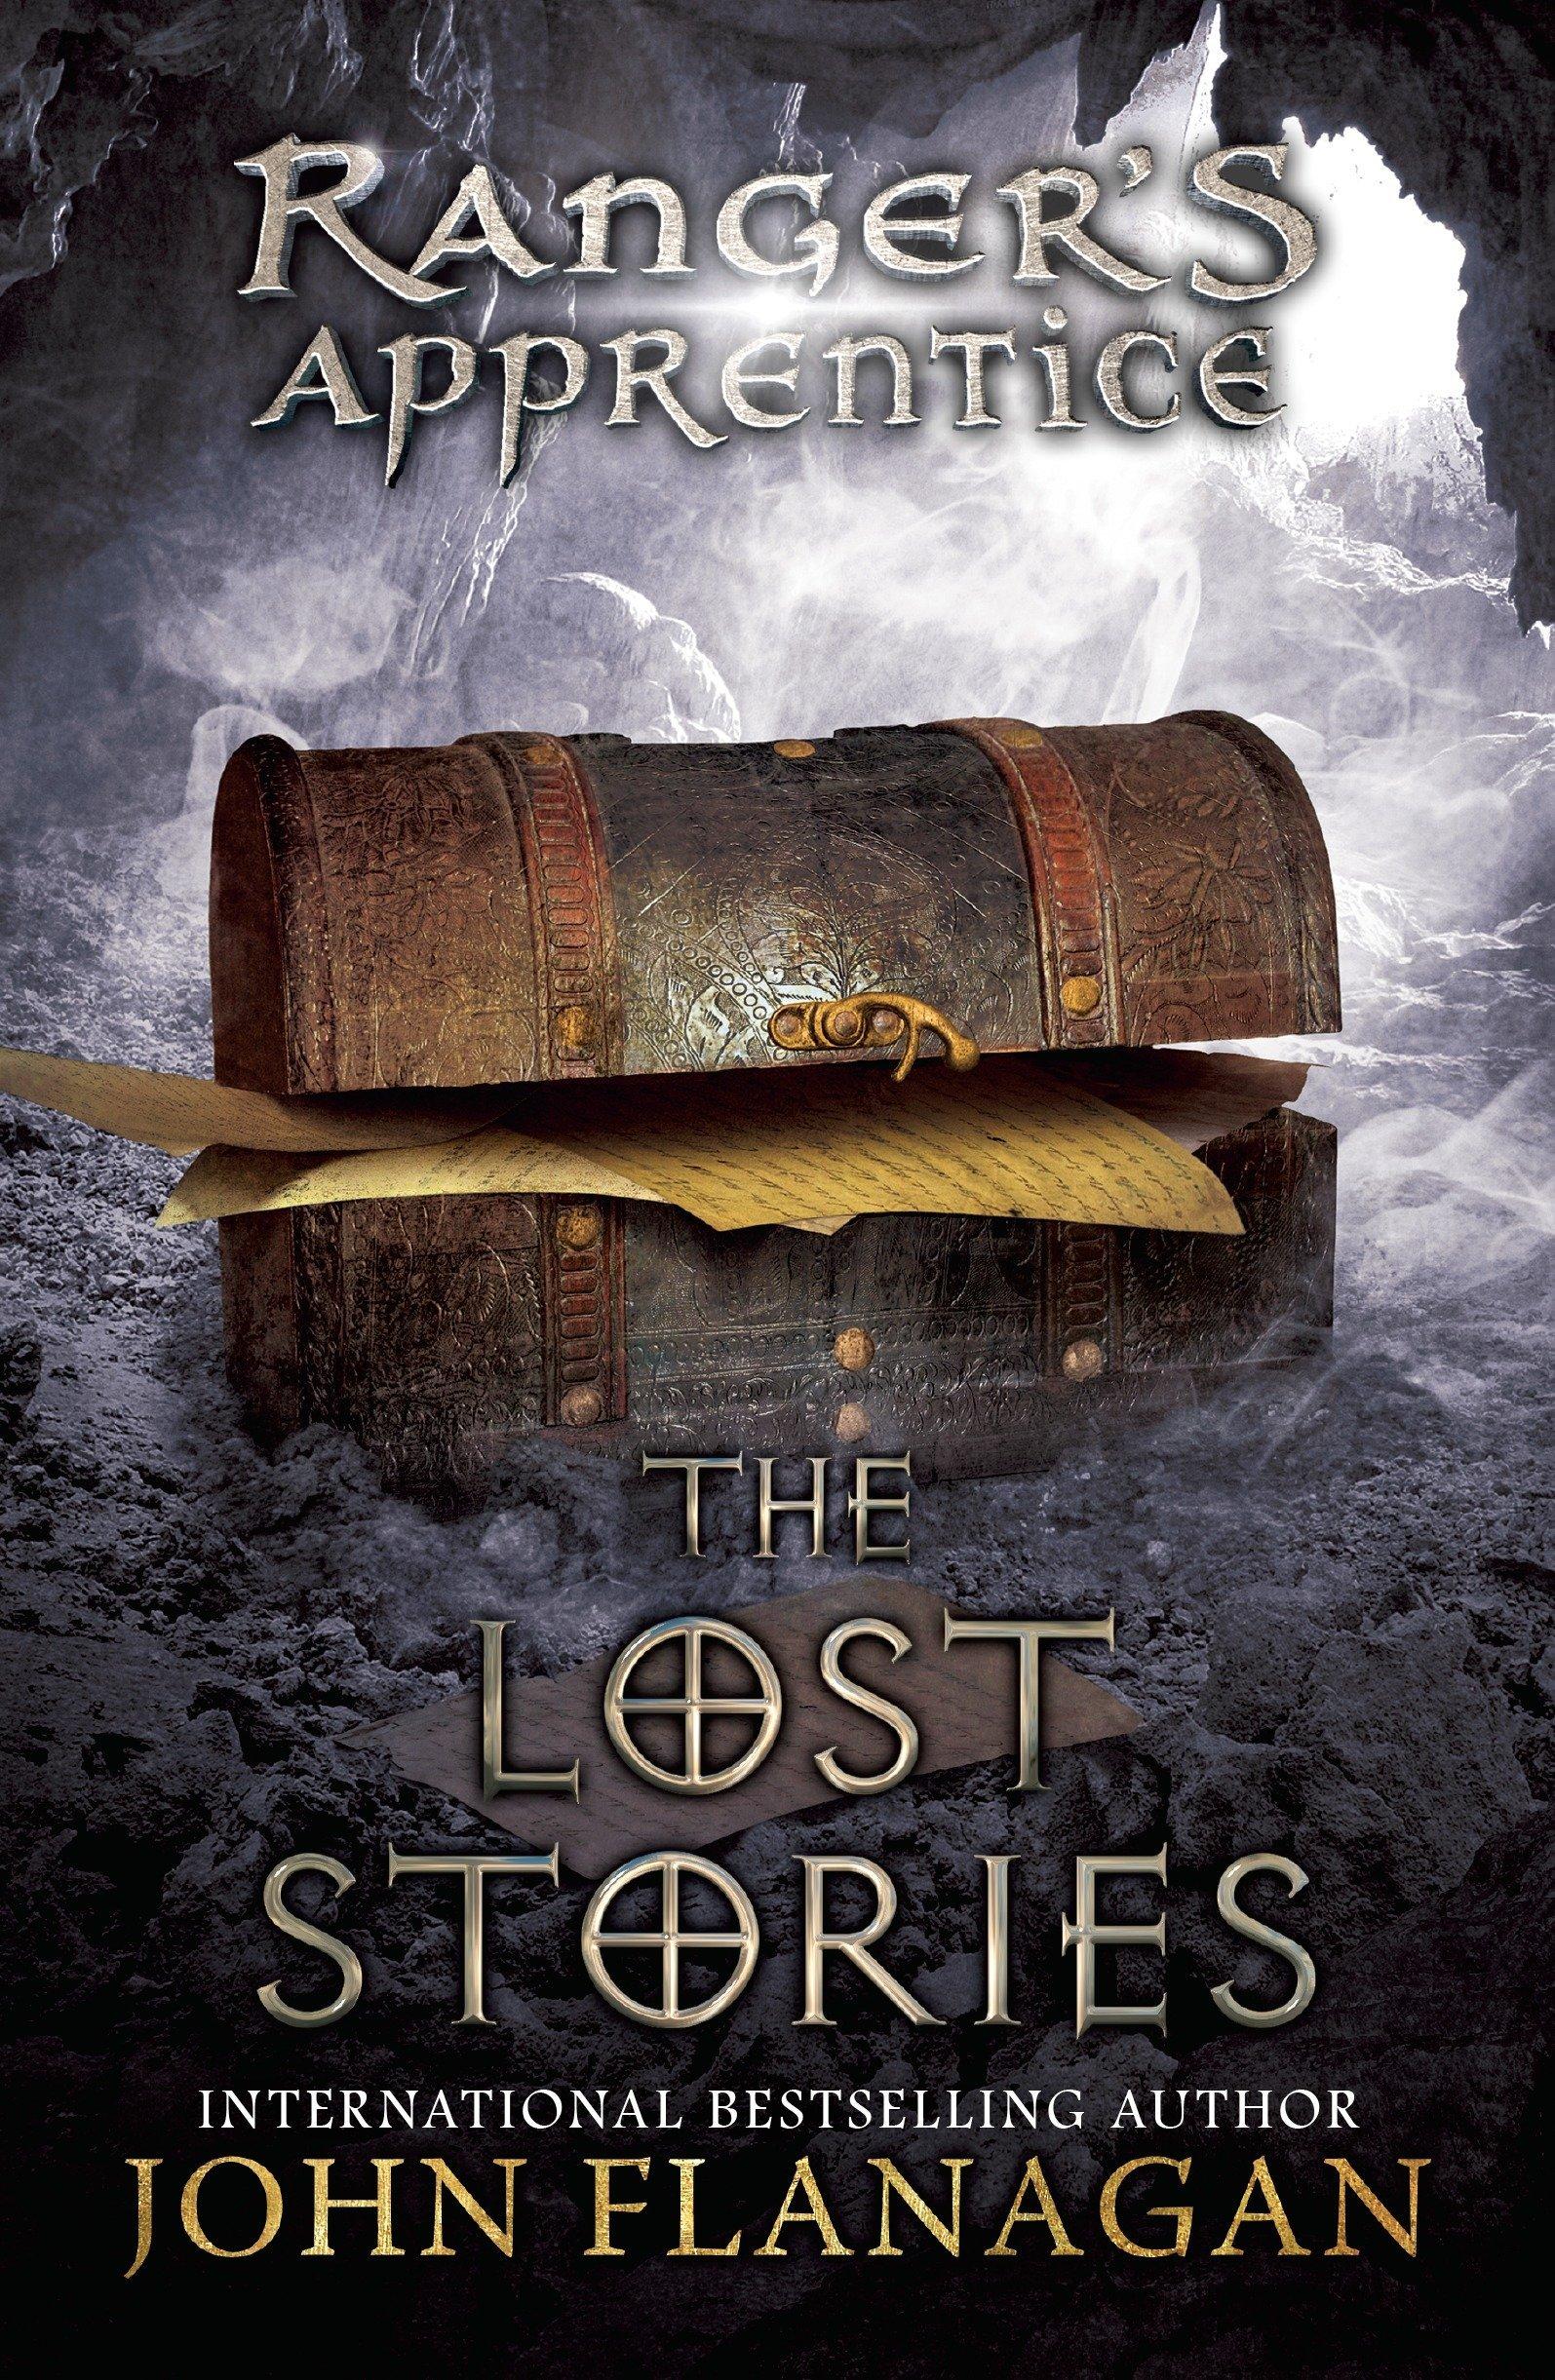 Ranger's Apprentice: The Lost Stories - John Flanagan